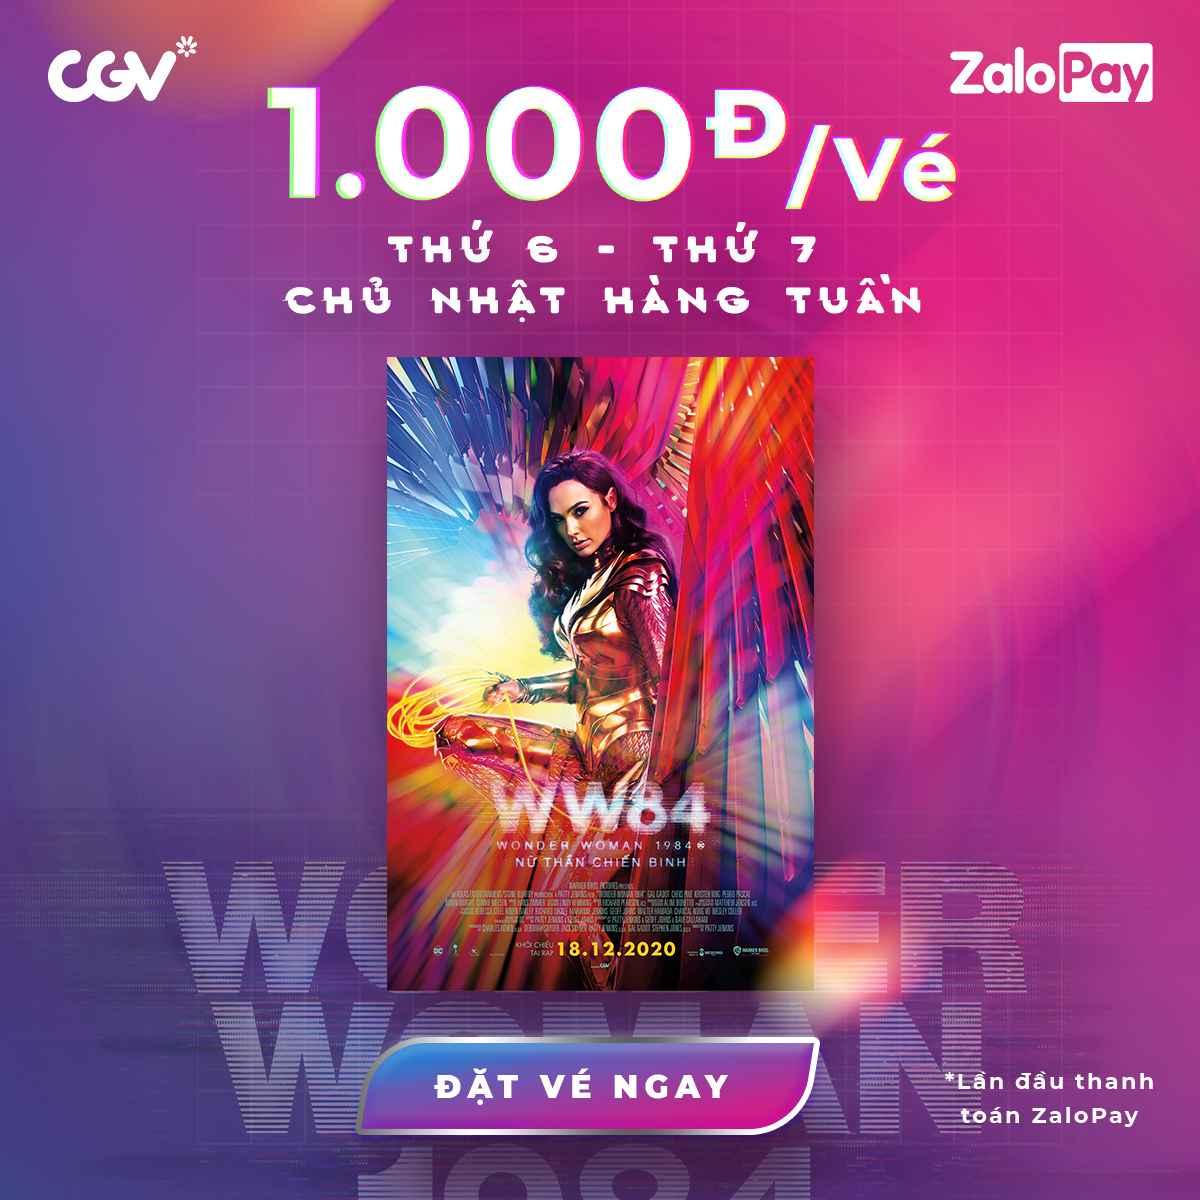 CGV khuyến mãi tháng 4: Vé xem phim giá 19.000 đồng, mua combo bắp nước tặng khẩu trang - Ảnh 5.